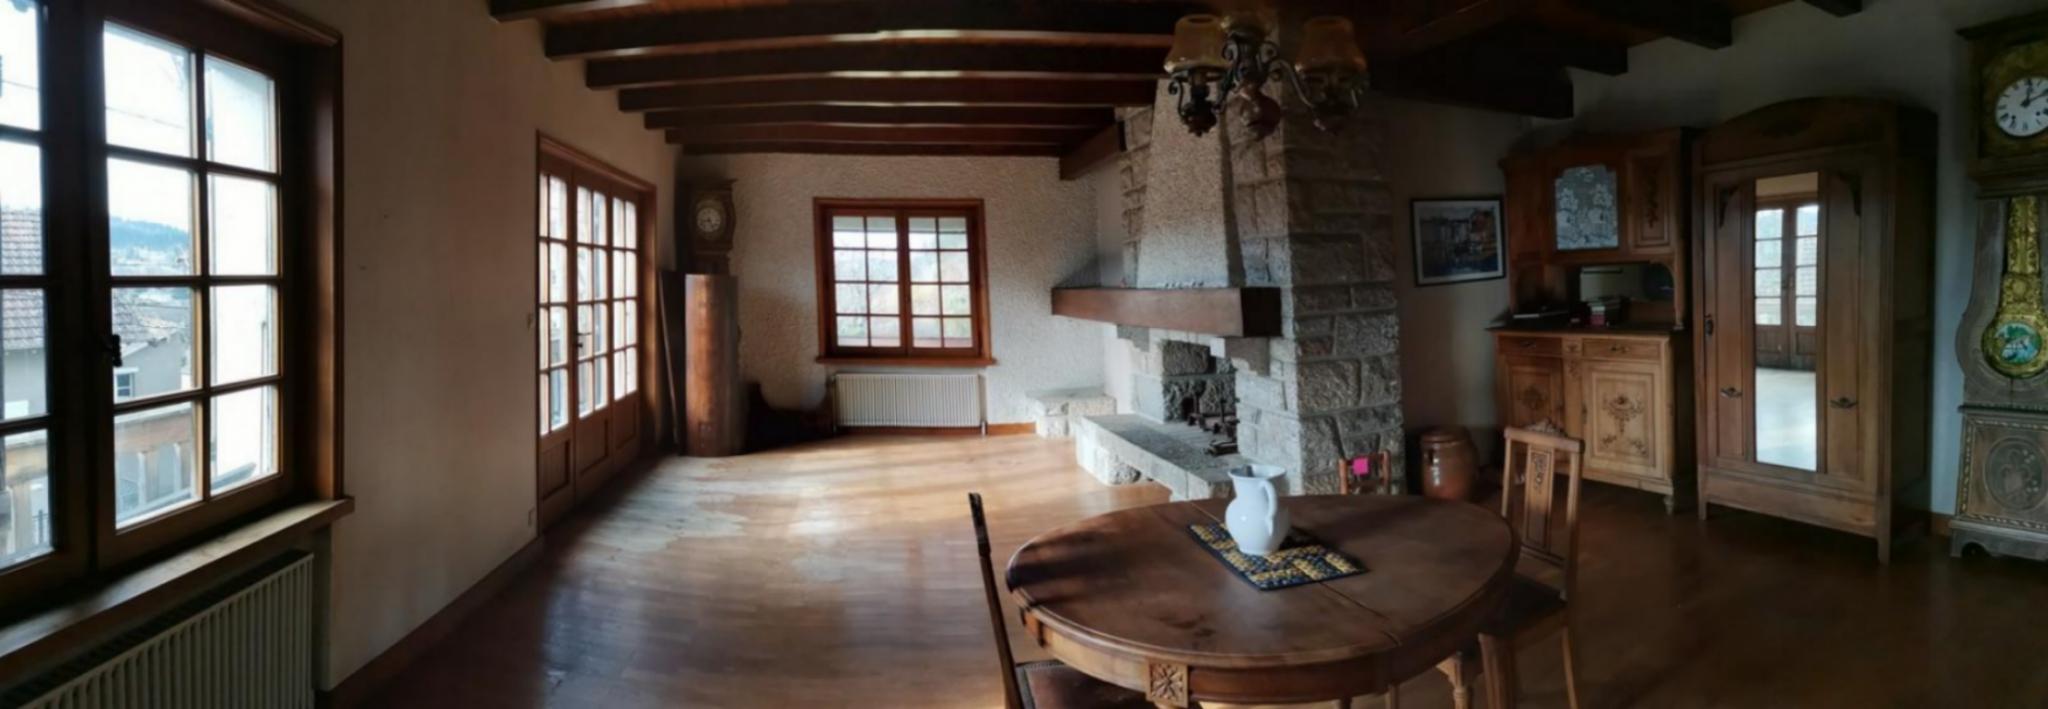 Vente maison / villa Le chambon sur lignon 249000€ - Photo 6